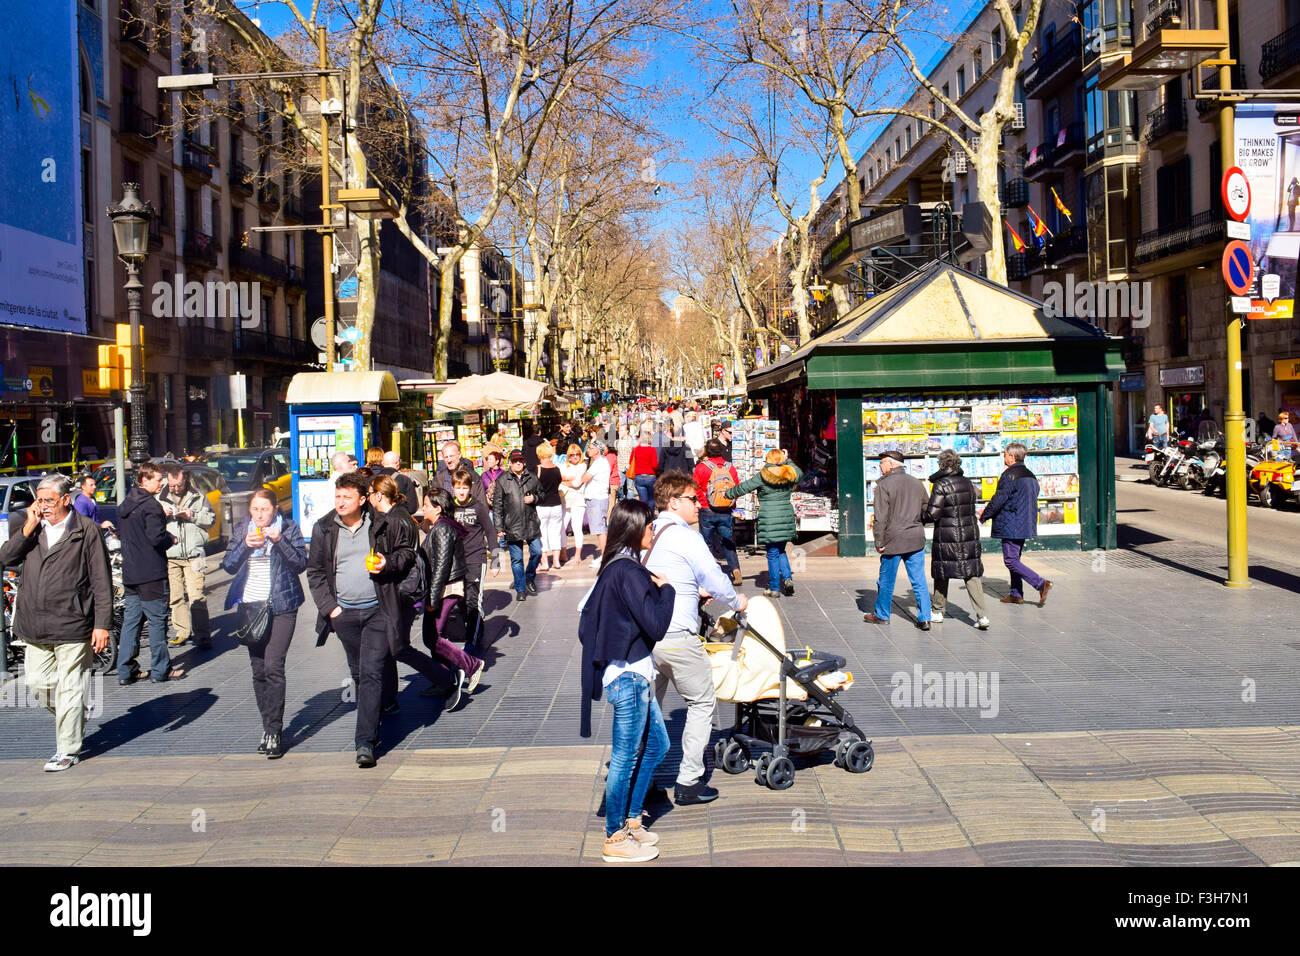 La gente camminare lungo La Rambla. Barcellona, in Catalogna, Spagna. Immagini Stock